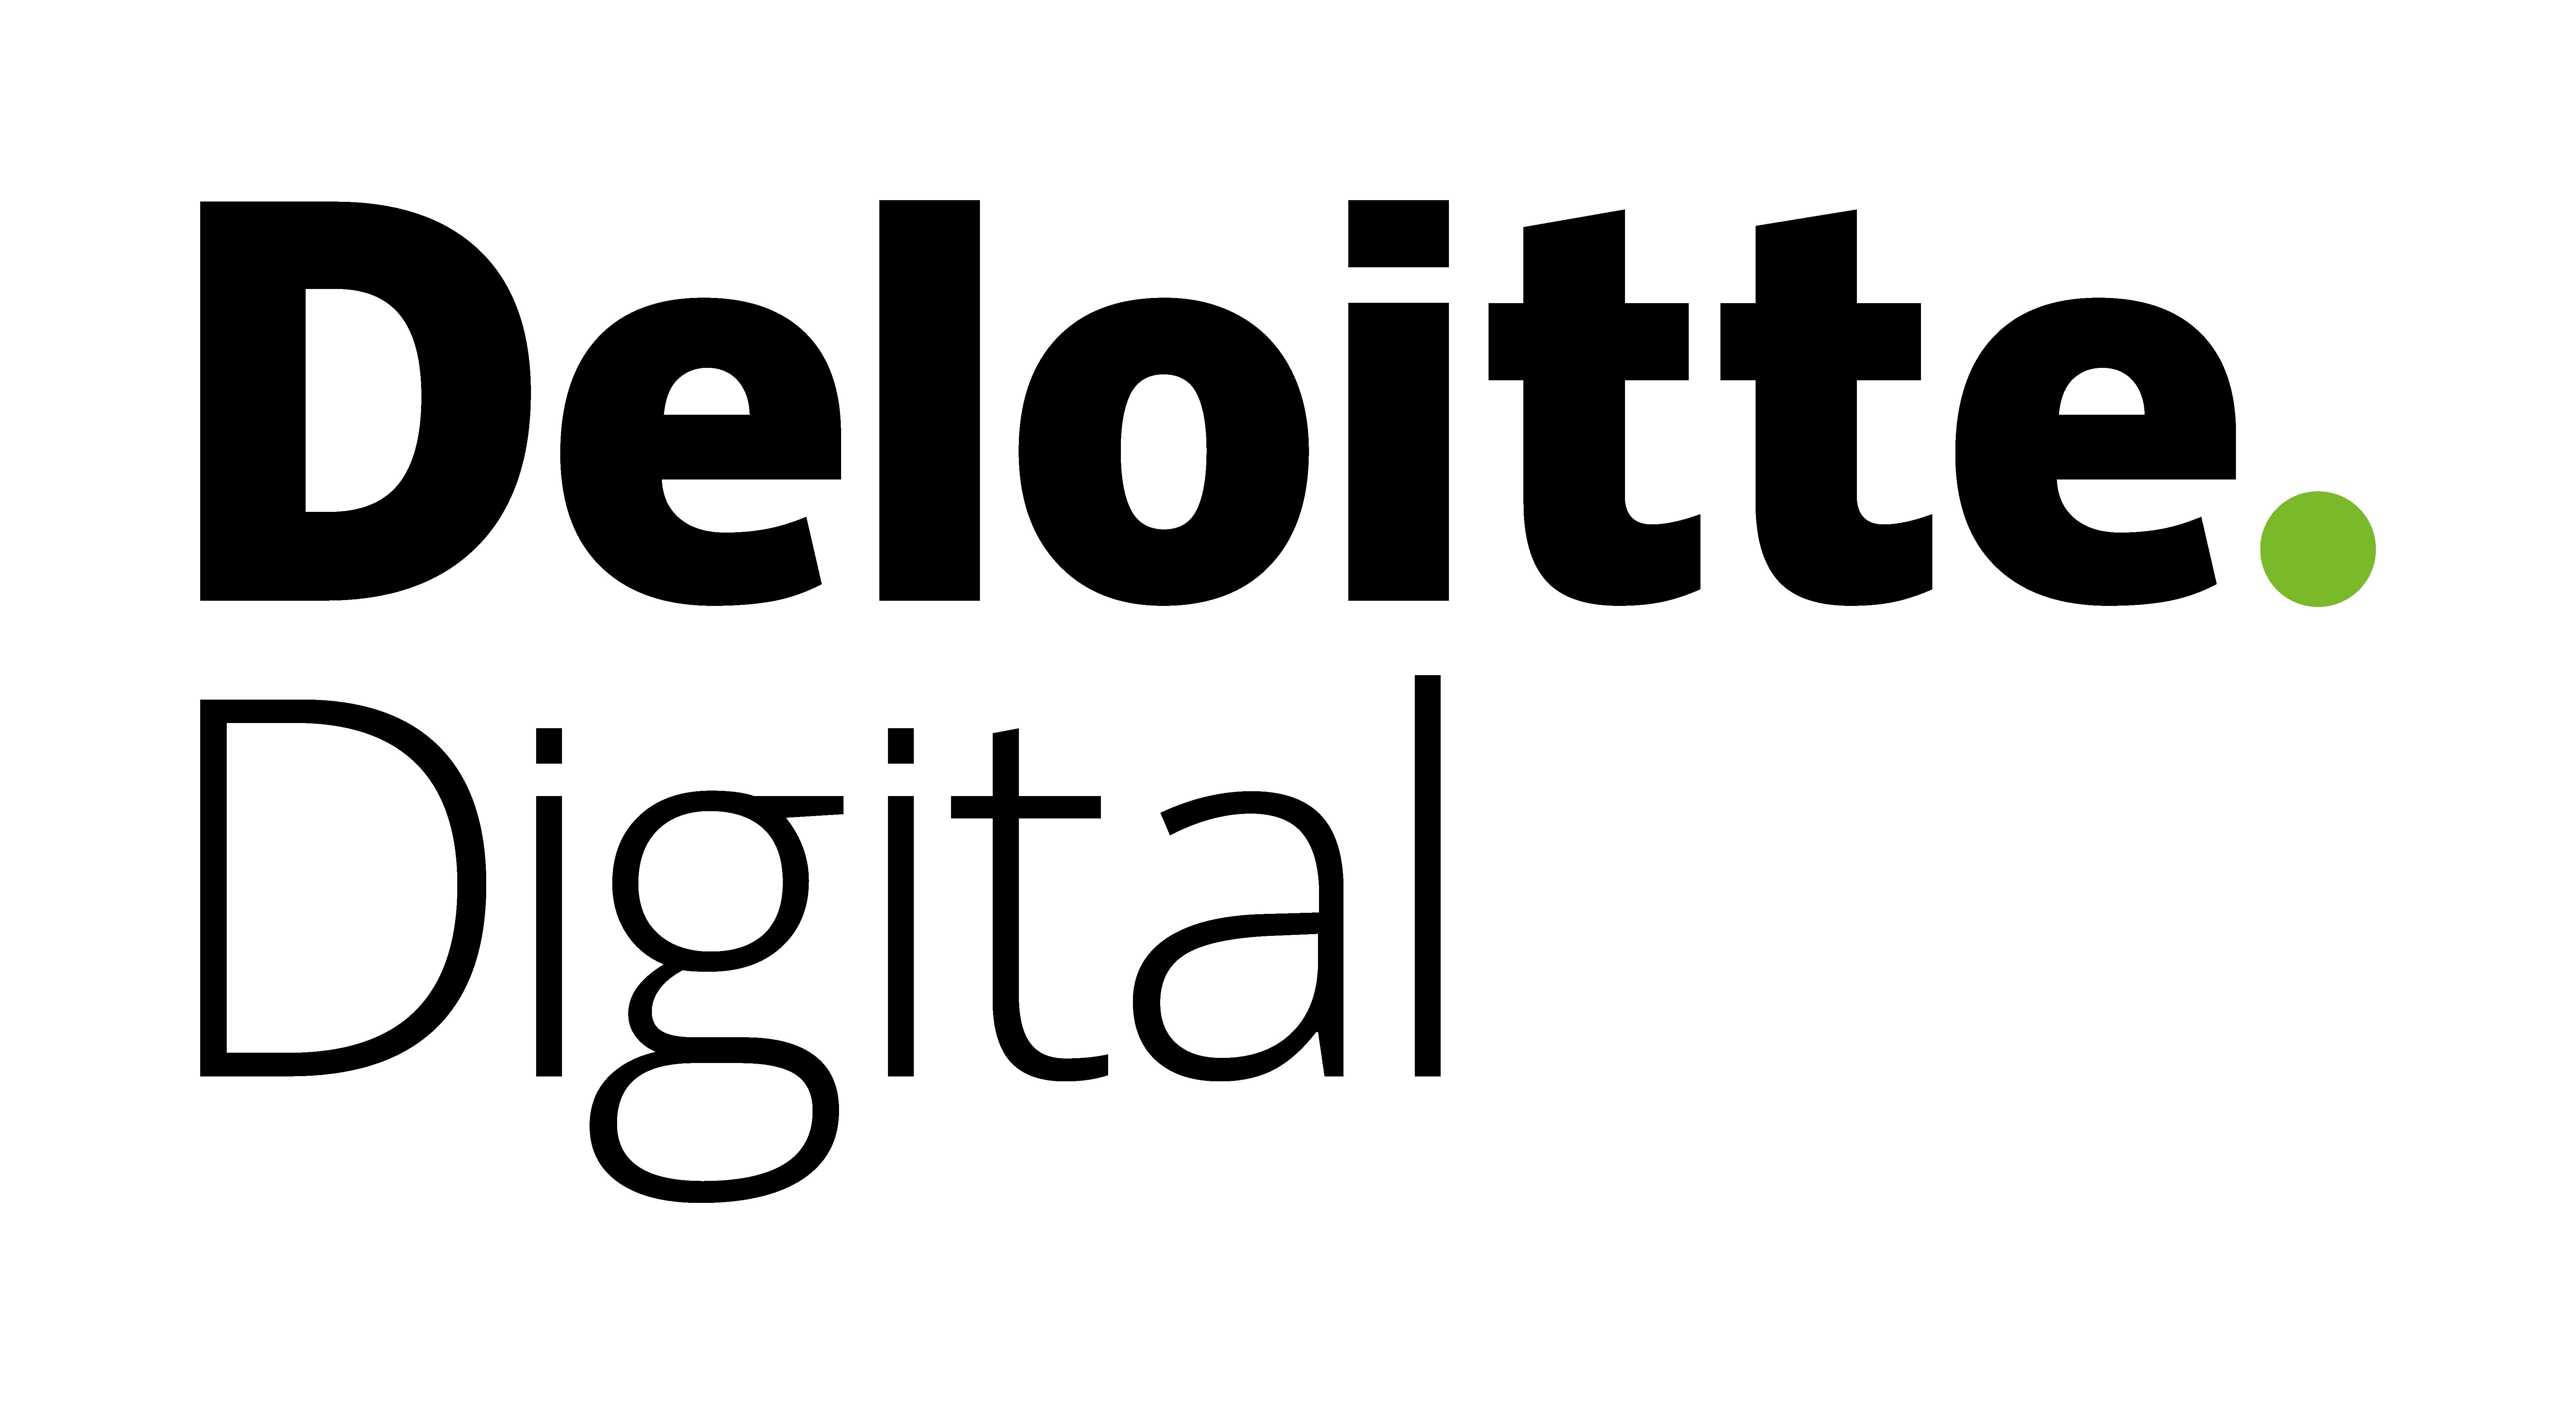 Deloitte Digital GmbH